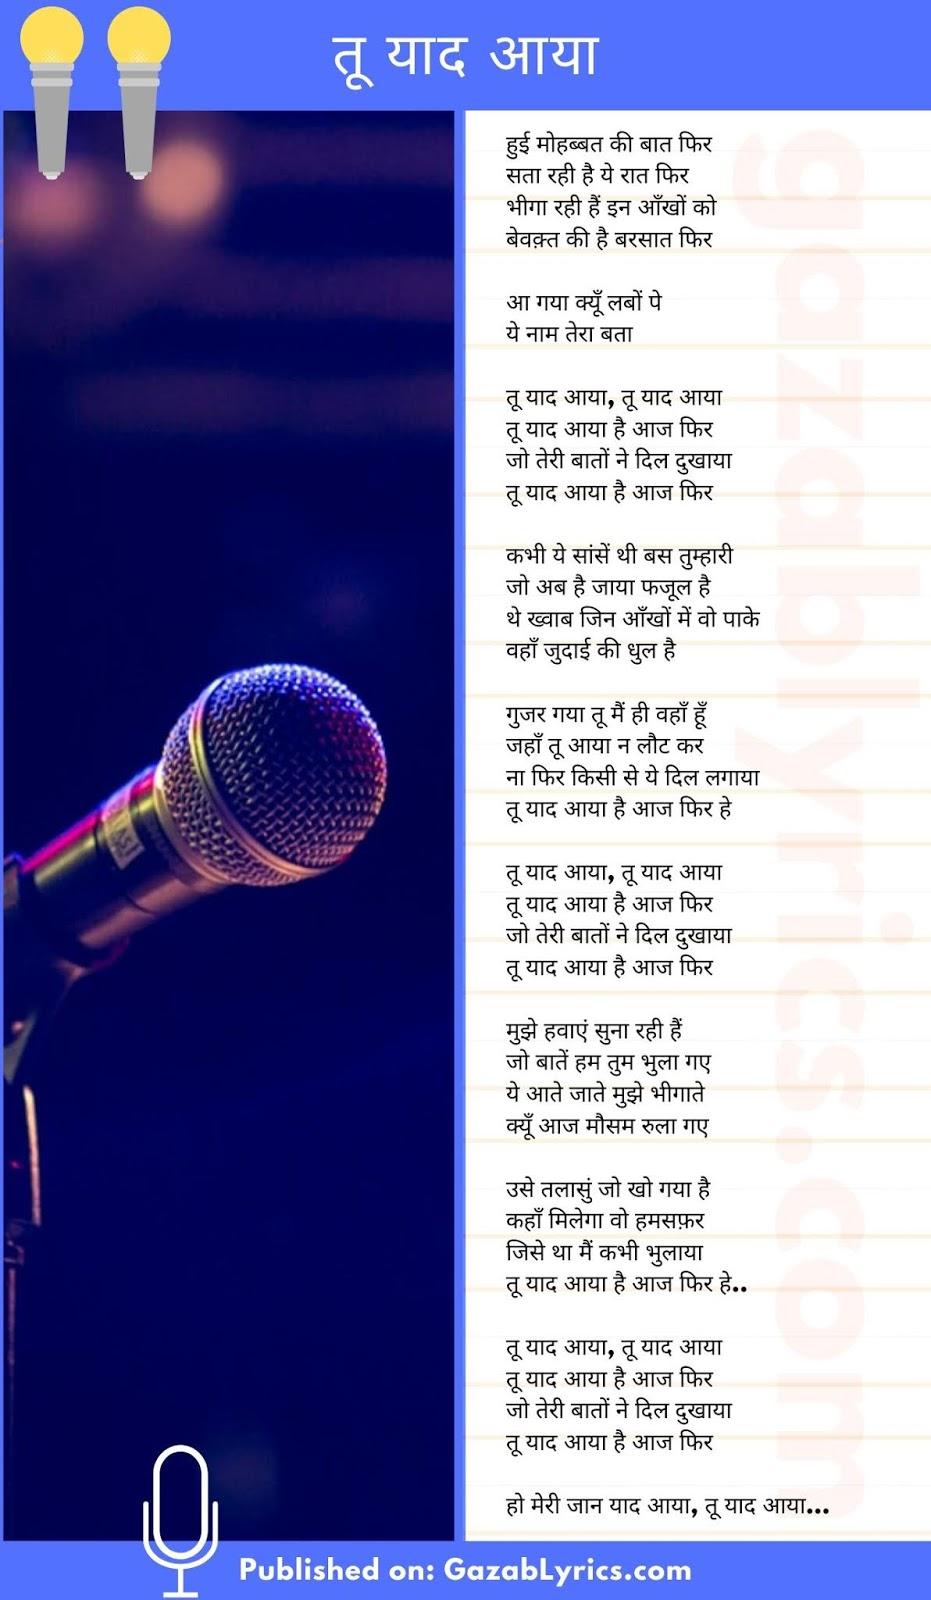 Tu Yaad Aya song lyrics image